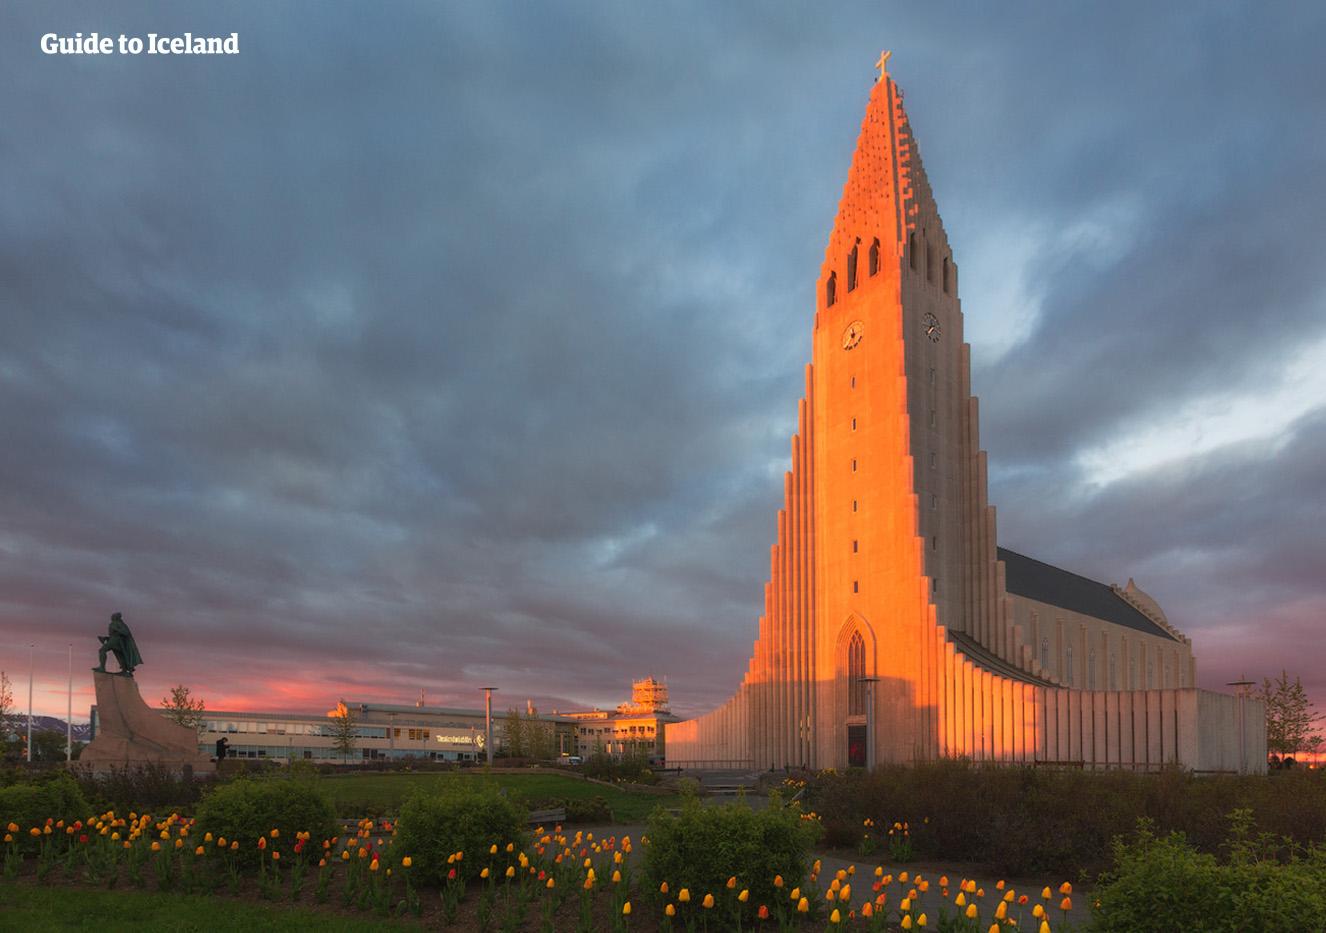 La Iglesia Hallgrímskirkja se alza sobre Reikiavik y muchos la consideran el punto de referencia más emblemático de la ciudad.